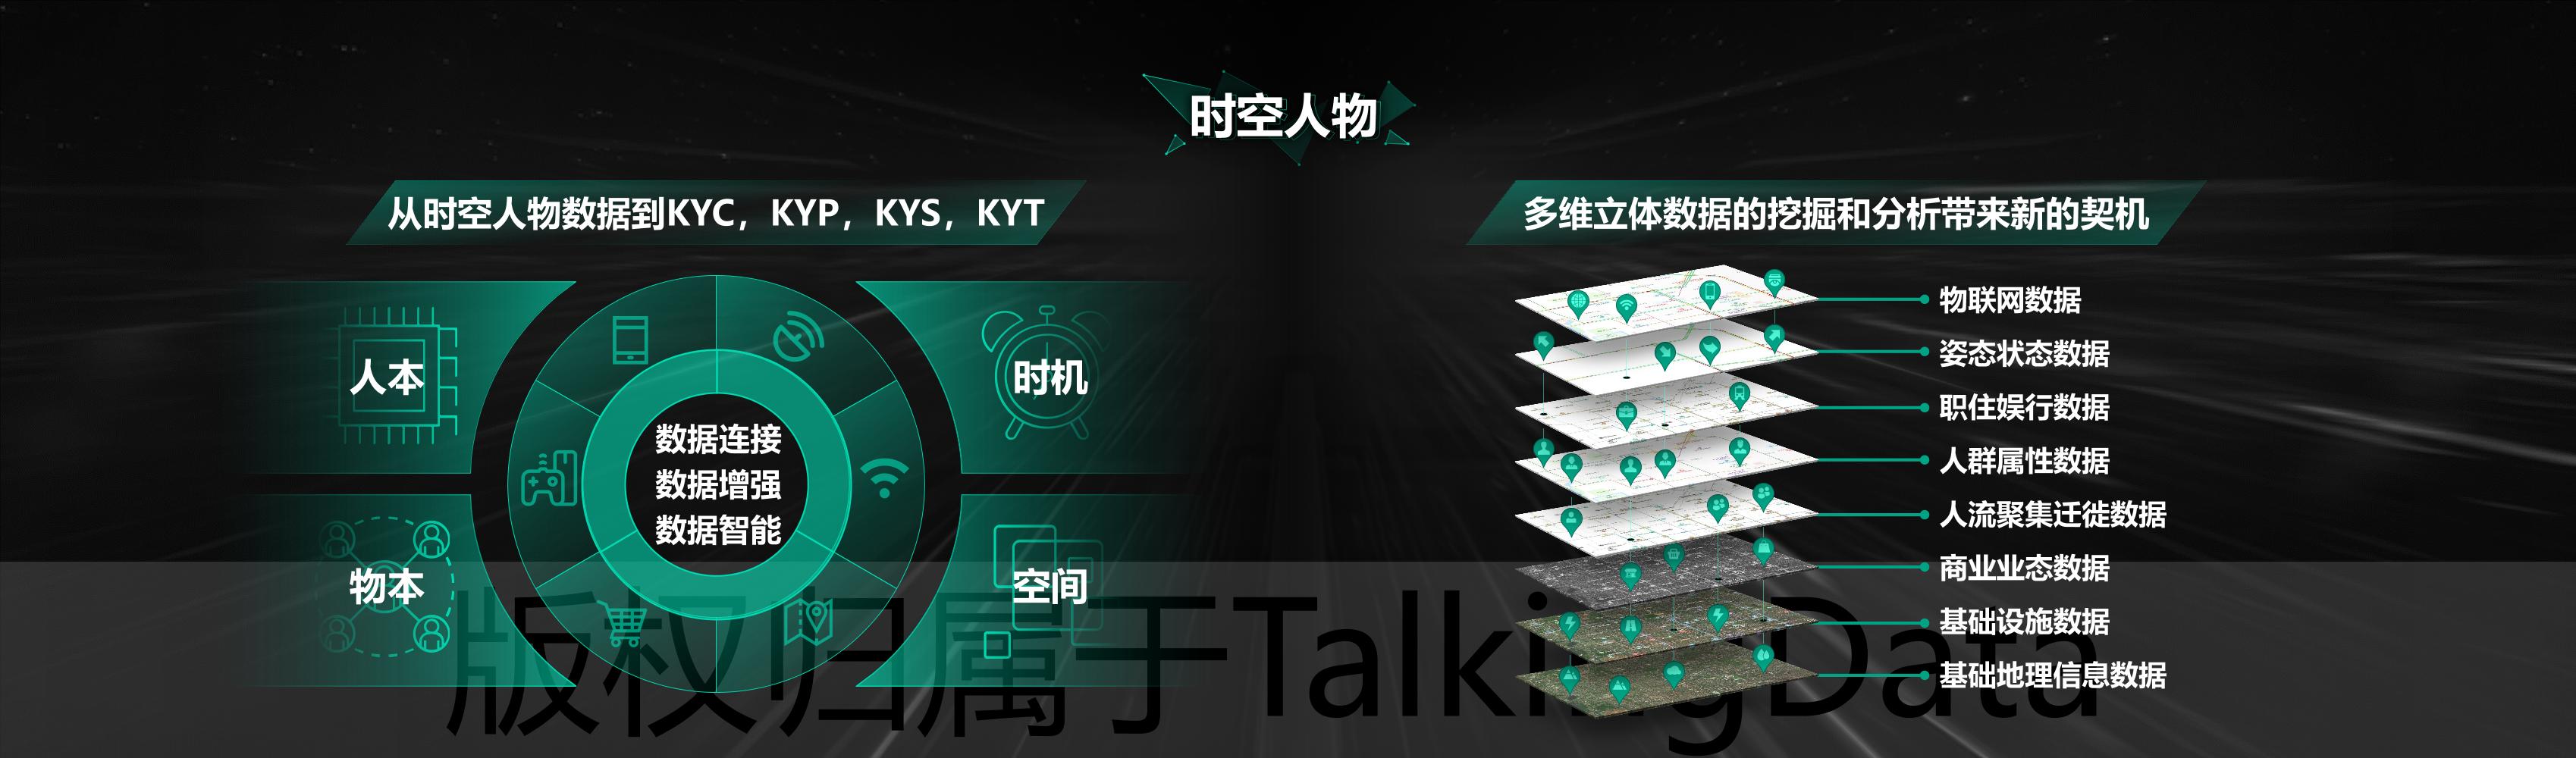 2018T11主会场演讲业务-林逸飞_1536836550211-2